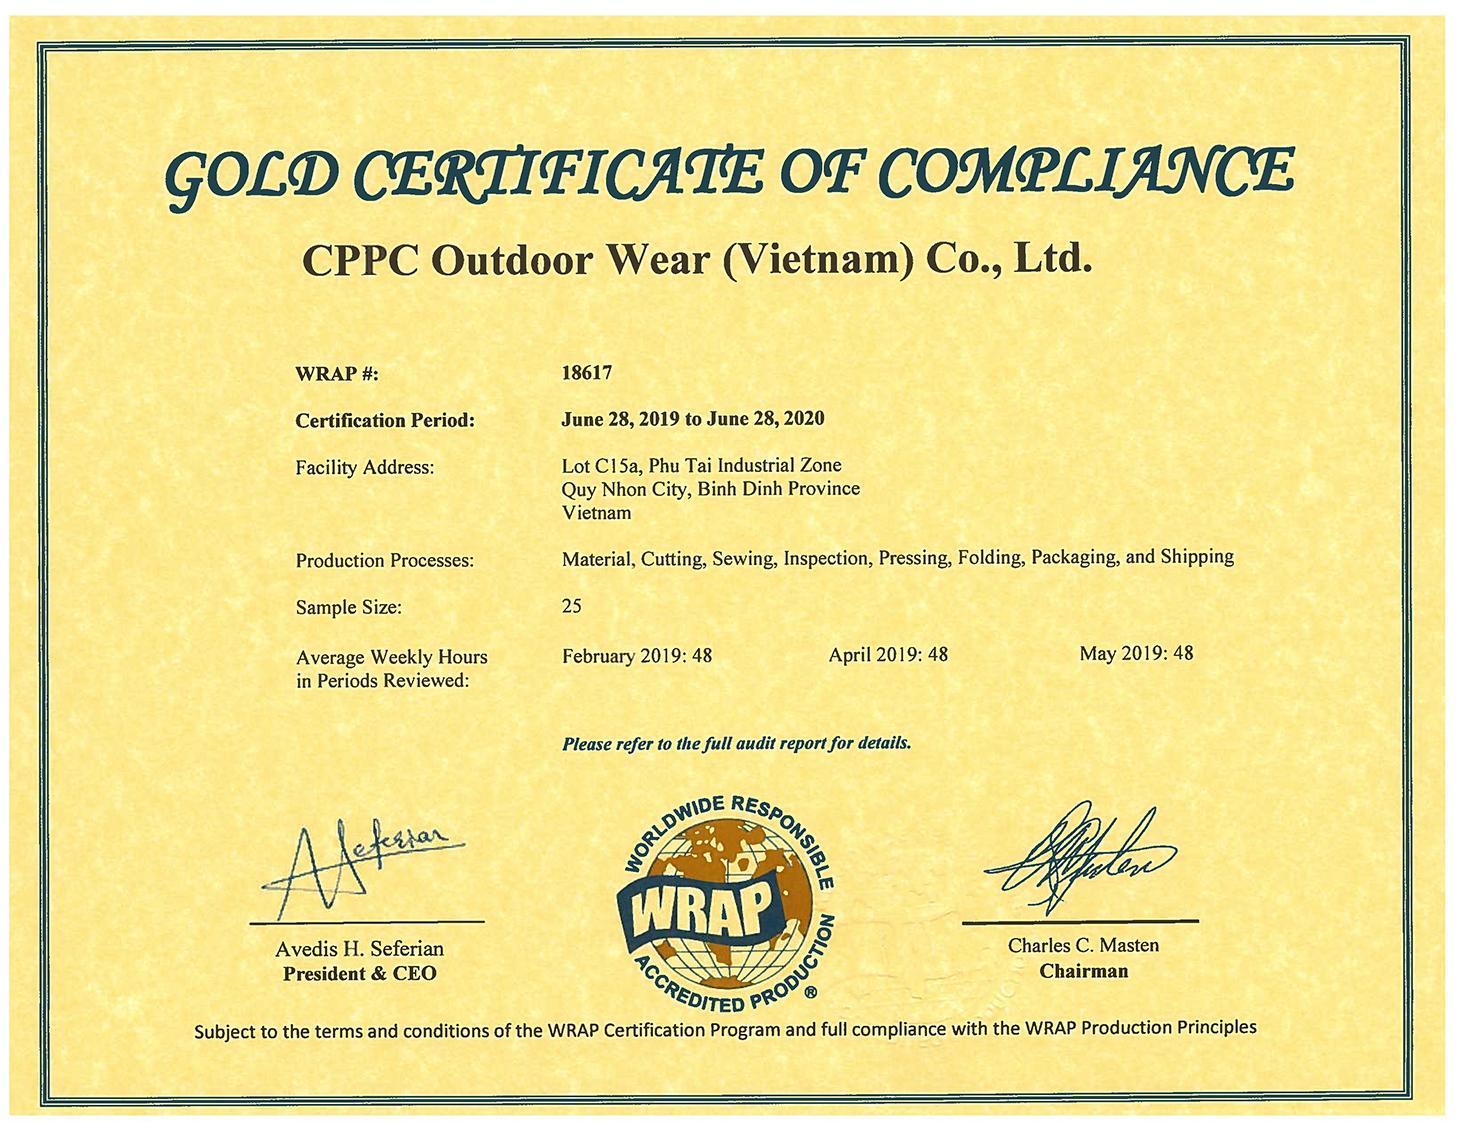 2019-06-28 Certificate 18617 (Gold) CPPC Outdoor Wear (Vietnam) Co